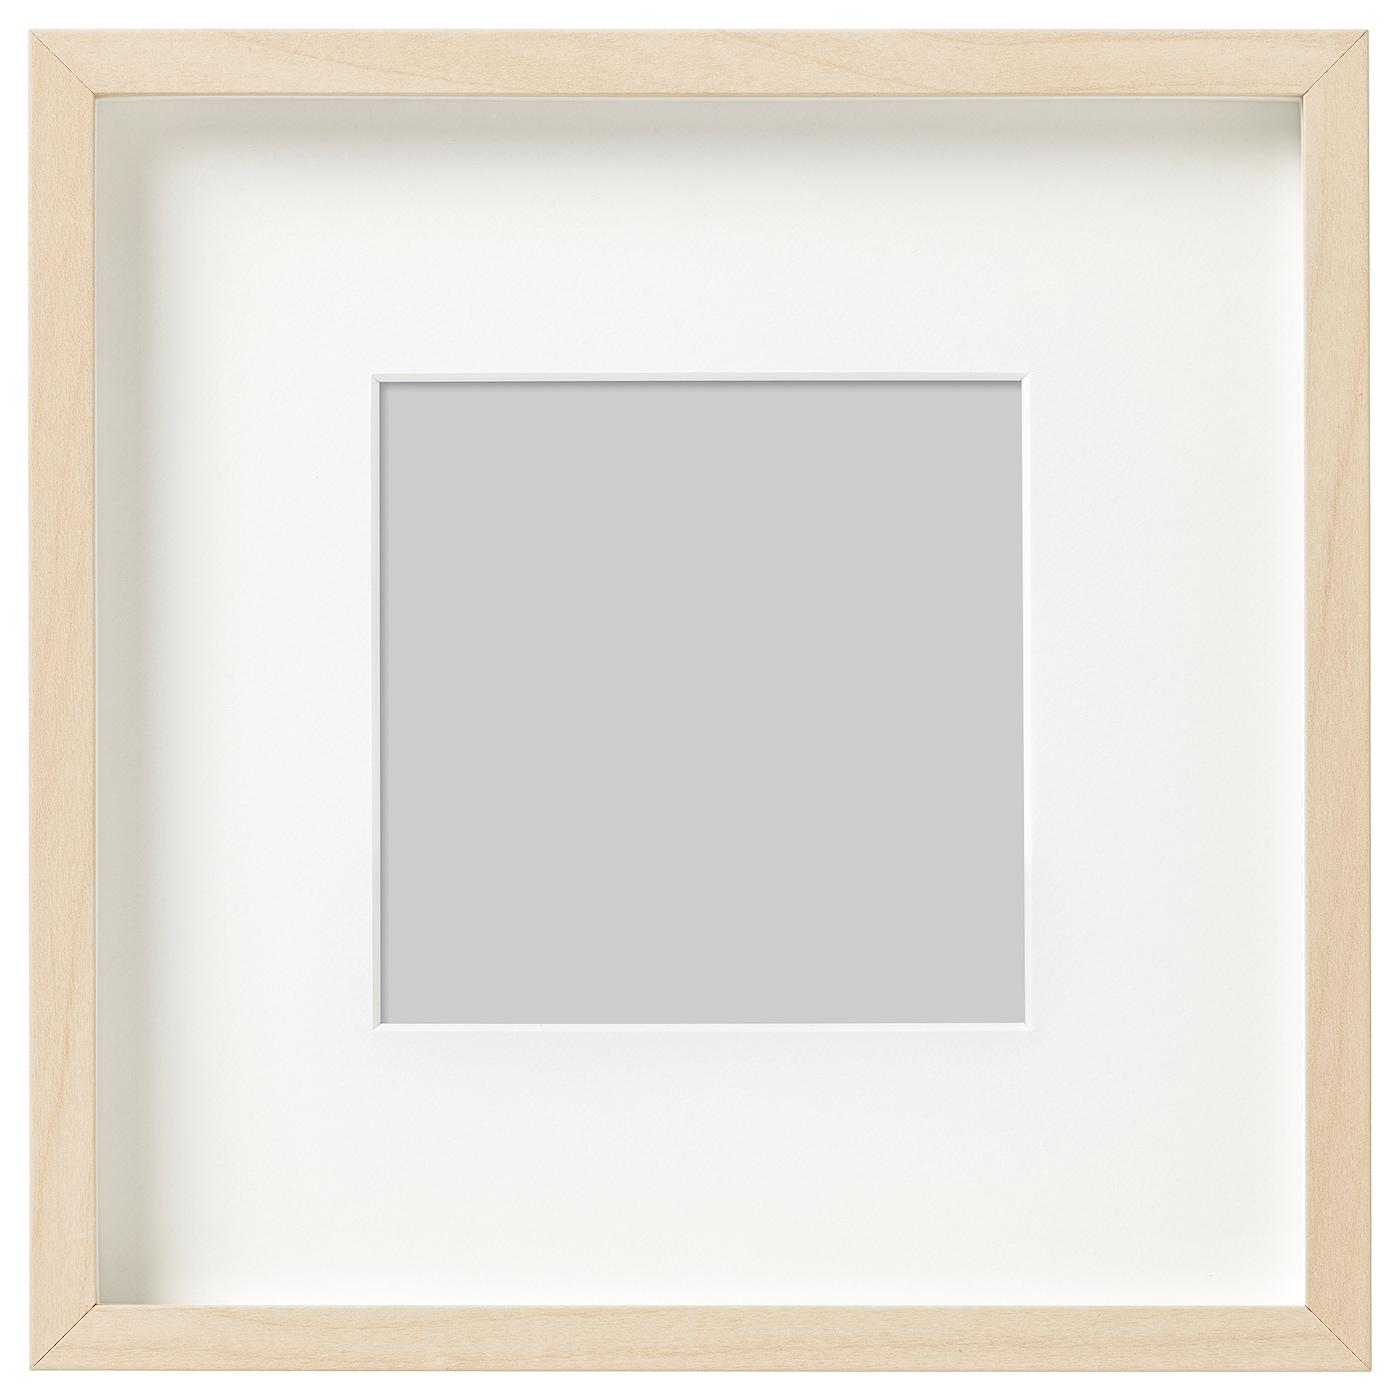 HOVSTA - Frame, birch effect birch